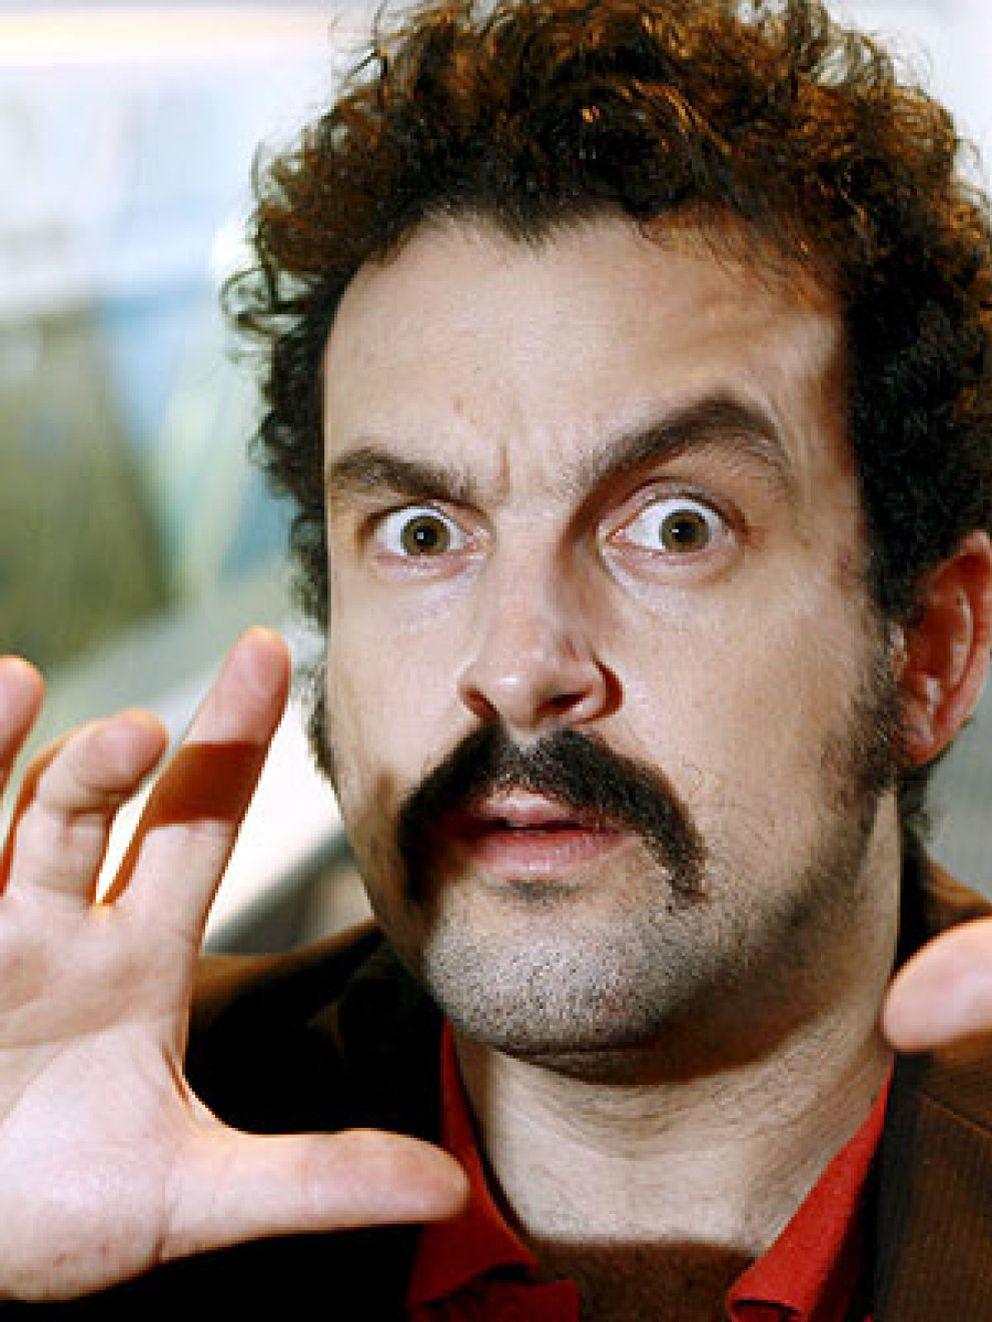 nacho vigalondo facebooknacho vigalondo colossal, nacho vigalondo twitter, начо вигалондо, nacho vigalondo timecrimes, nacho vigalondo extraterrestrial, nacho vigalondo, nacho vigalondo extraterrestre, nacho vigalondo 'open windows', nacho vigalondo instagram, nacho vigalondo facebook, nacho vigalondo imdb, nacho vigalondo holocausto, nacho vigalondo filmaffinity, nacho vigalondo wikipedia, nacho vigalondo novia, nacho vigalondo 7.35 de la mañana, nacho vigalondo filmografia, nacho vigalondo el pais, nacho vigalondo breaking bad, nacho vigalondo zapata